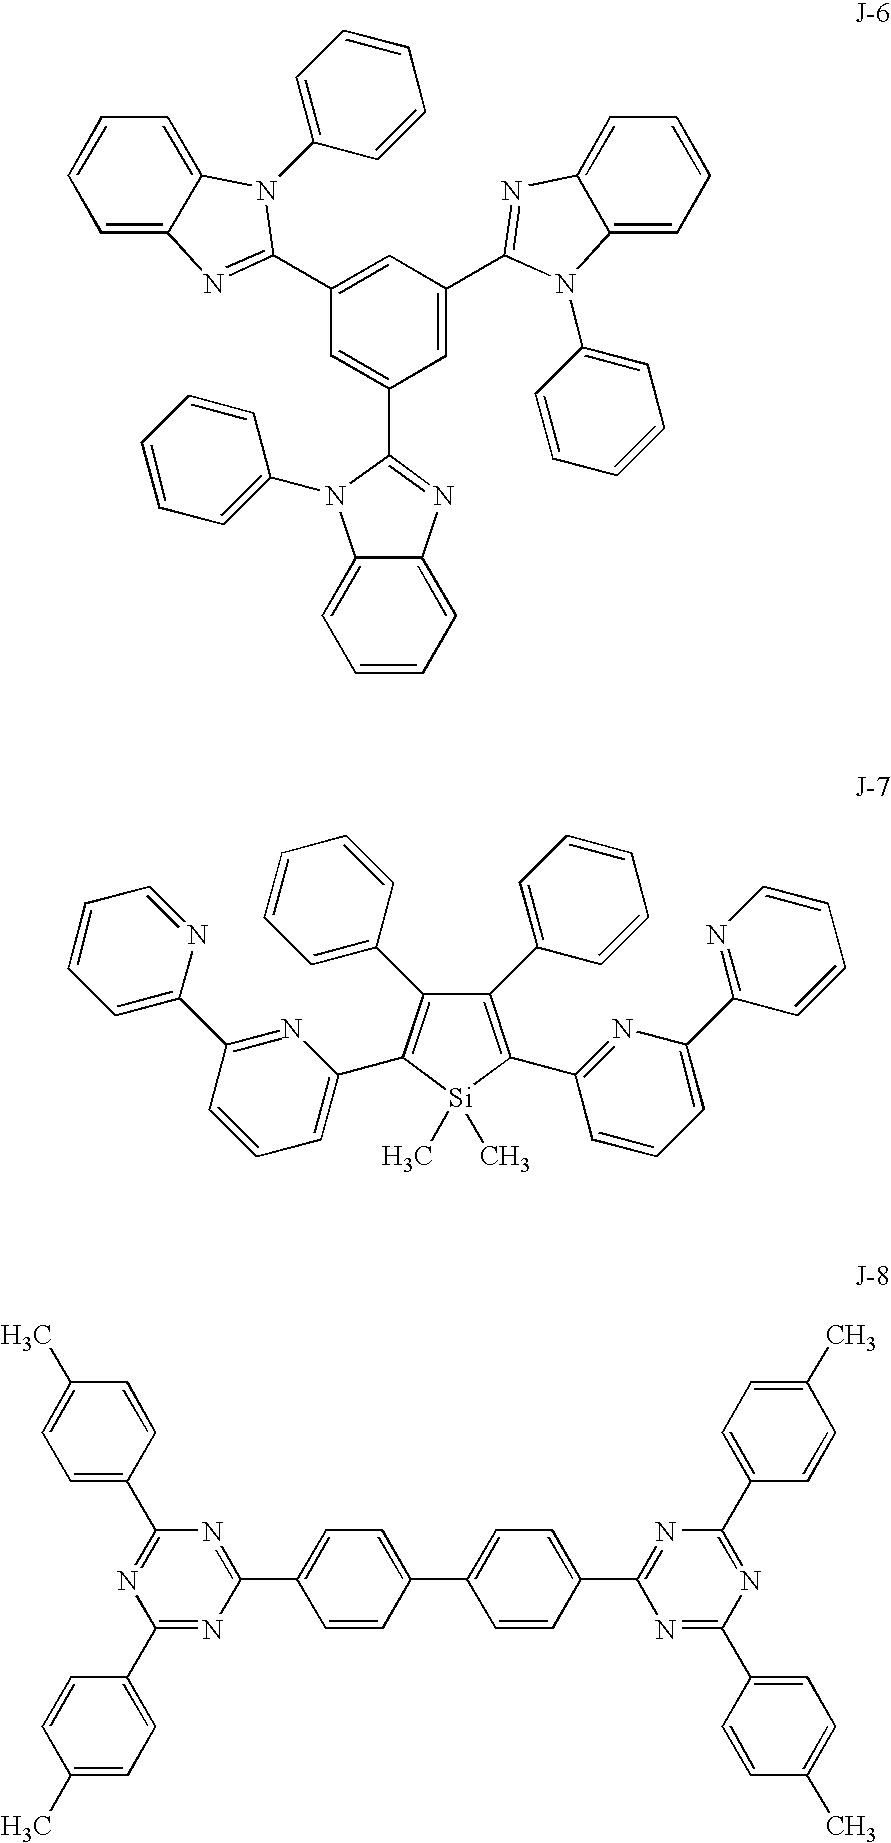 Figure US20070048545A1-20070301-C00012